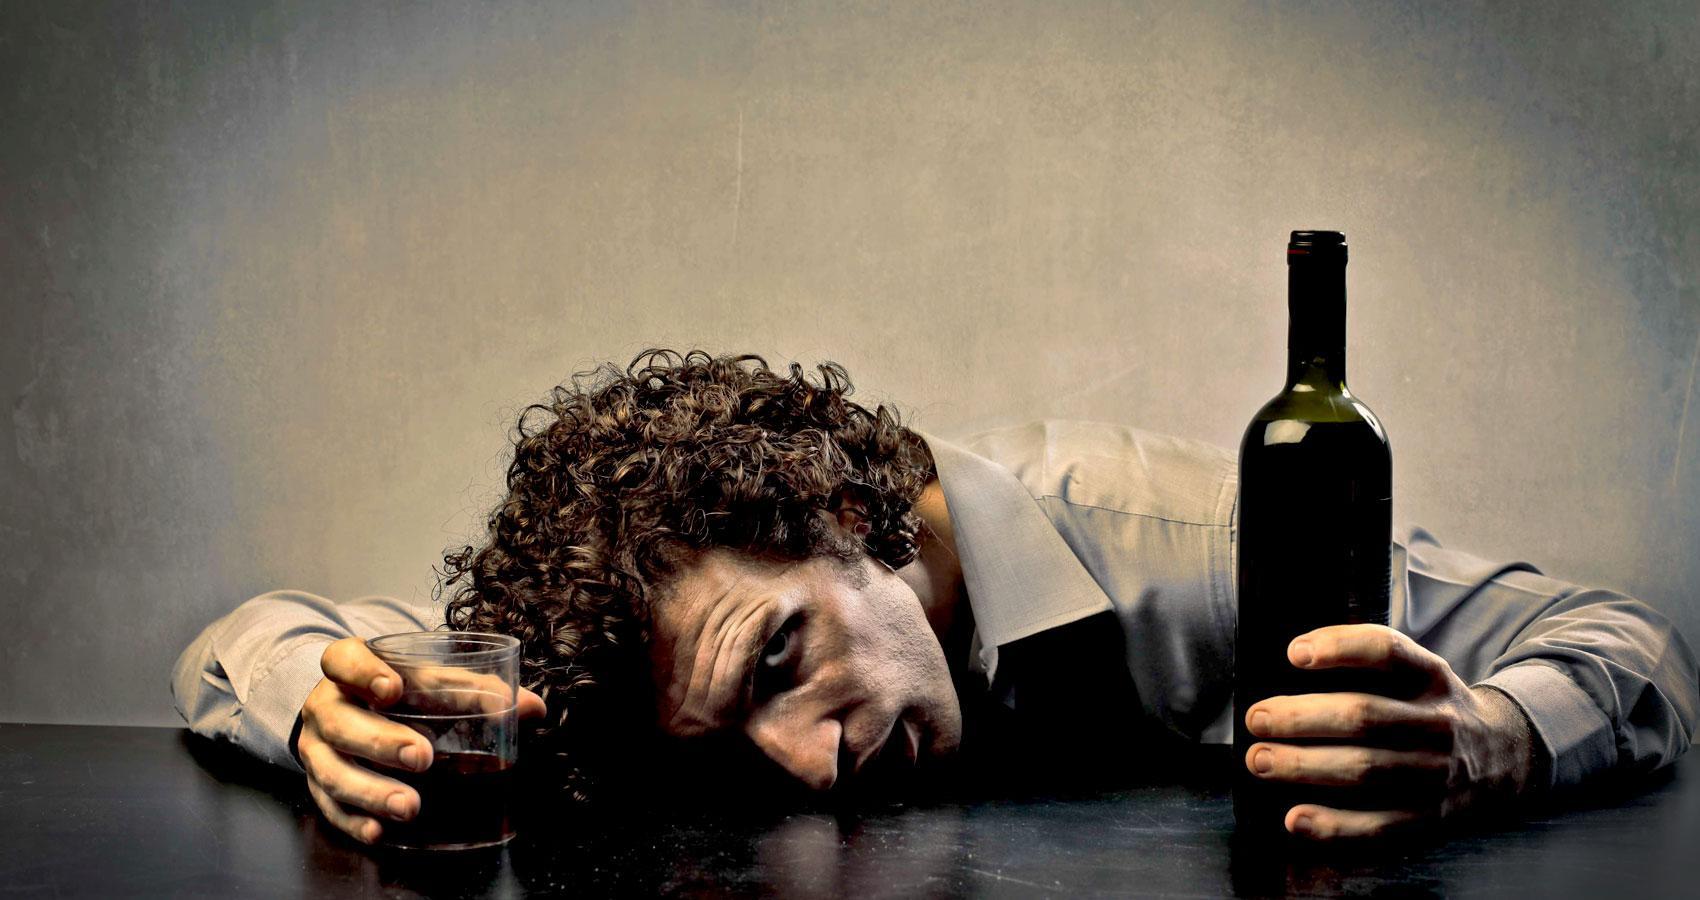 Разработана временная татуировка, измеряющая уровень алкоголя в крови